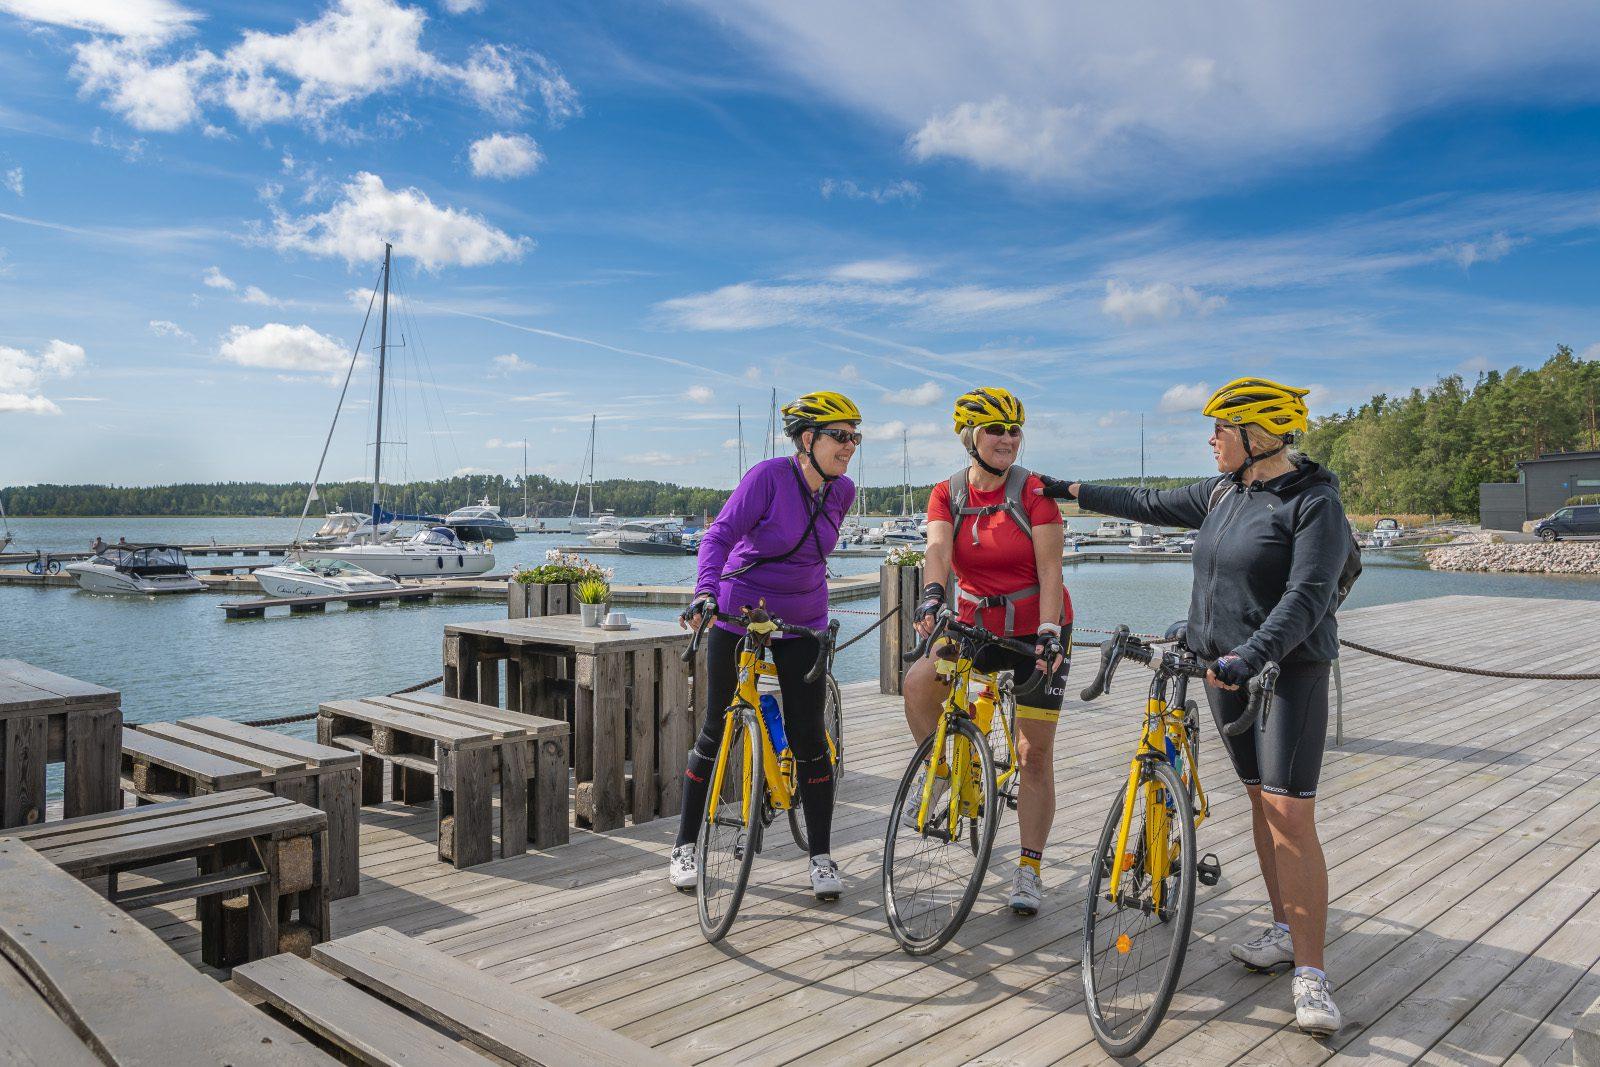 Kolme pyöräilijää rantalaiturilla. Kesäpäivä, sininen taivas, taustalla näkyy vierasvenesataman veneitä.